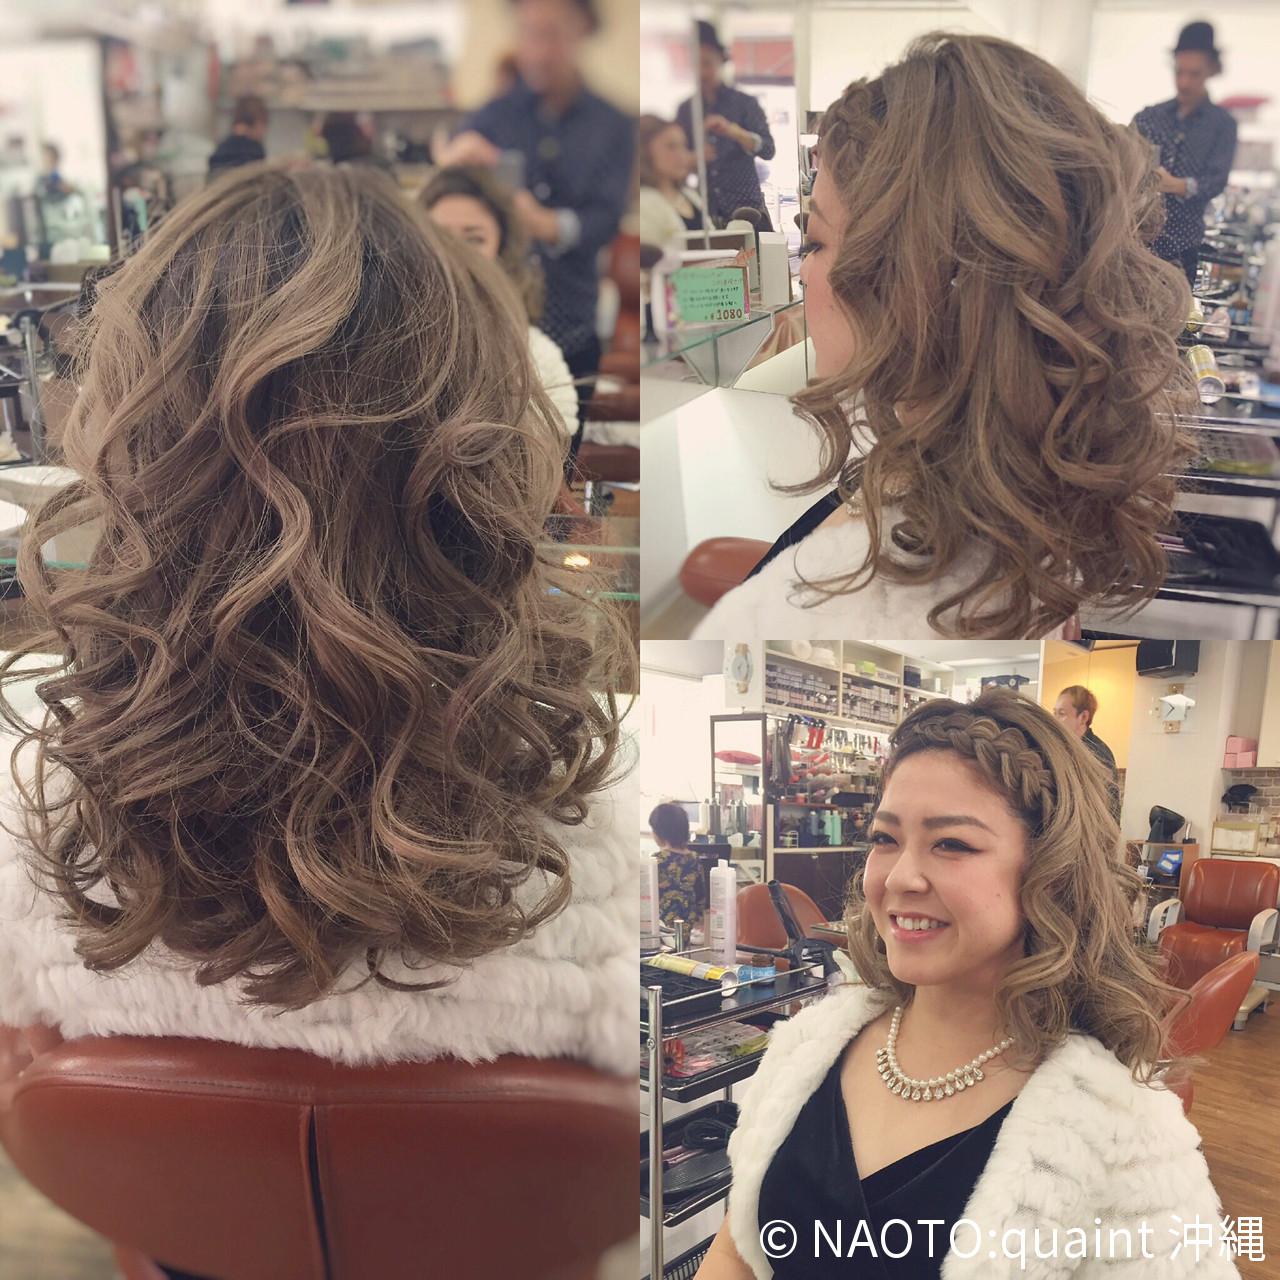 大人かわいい 巻き髪 ヘアアレンジ セミロング ヘアスタイルや髪型の写真・画像